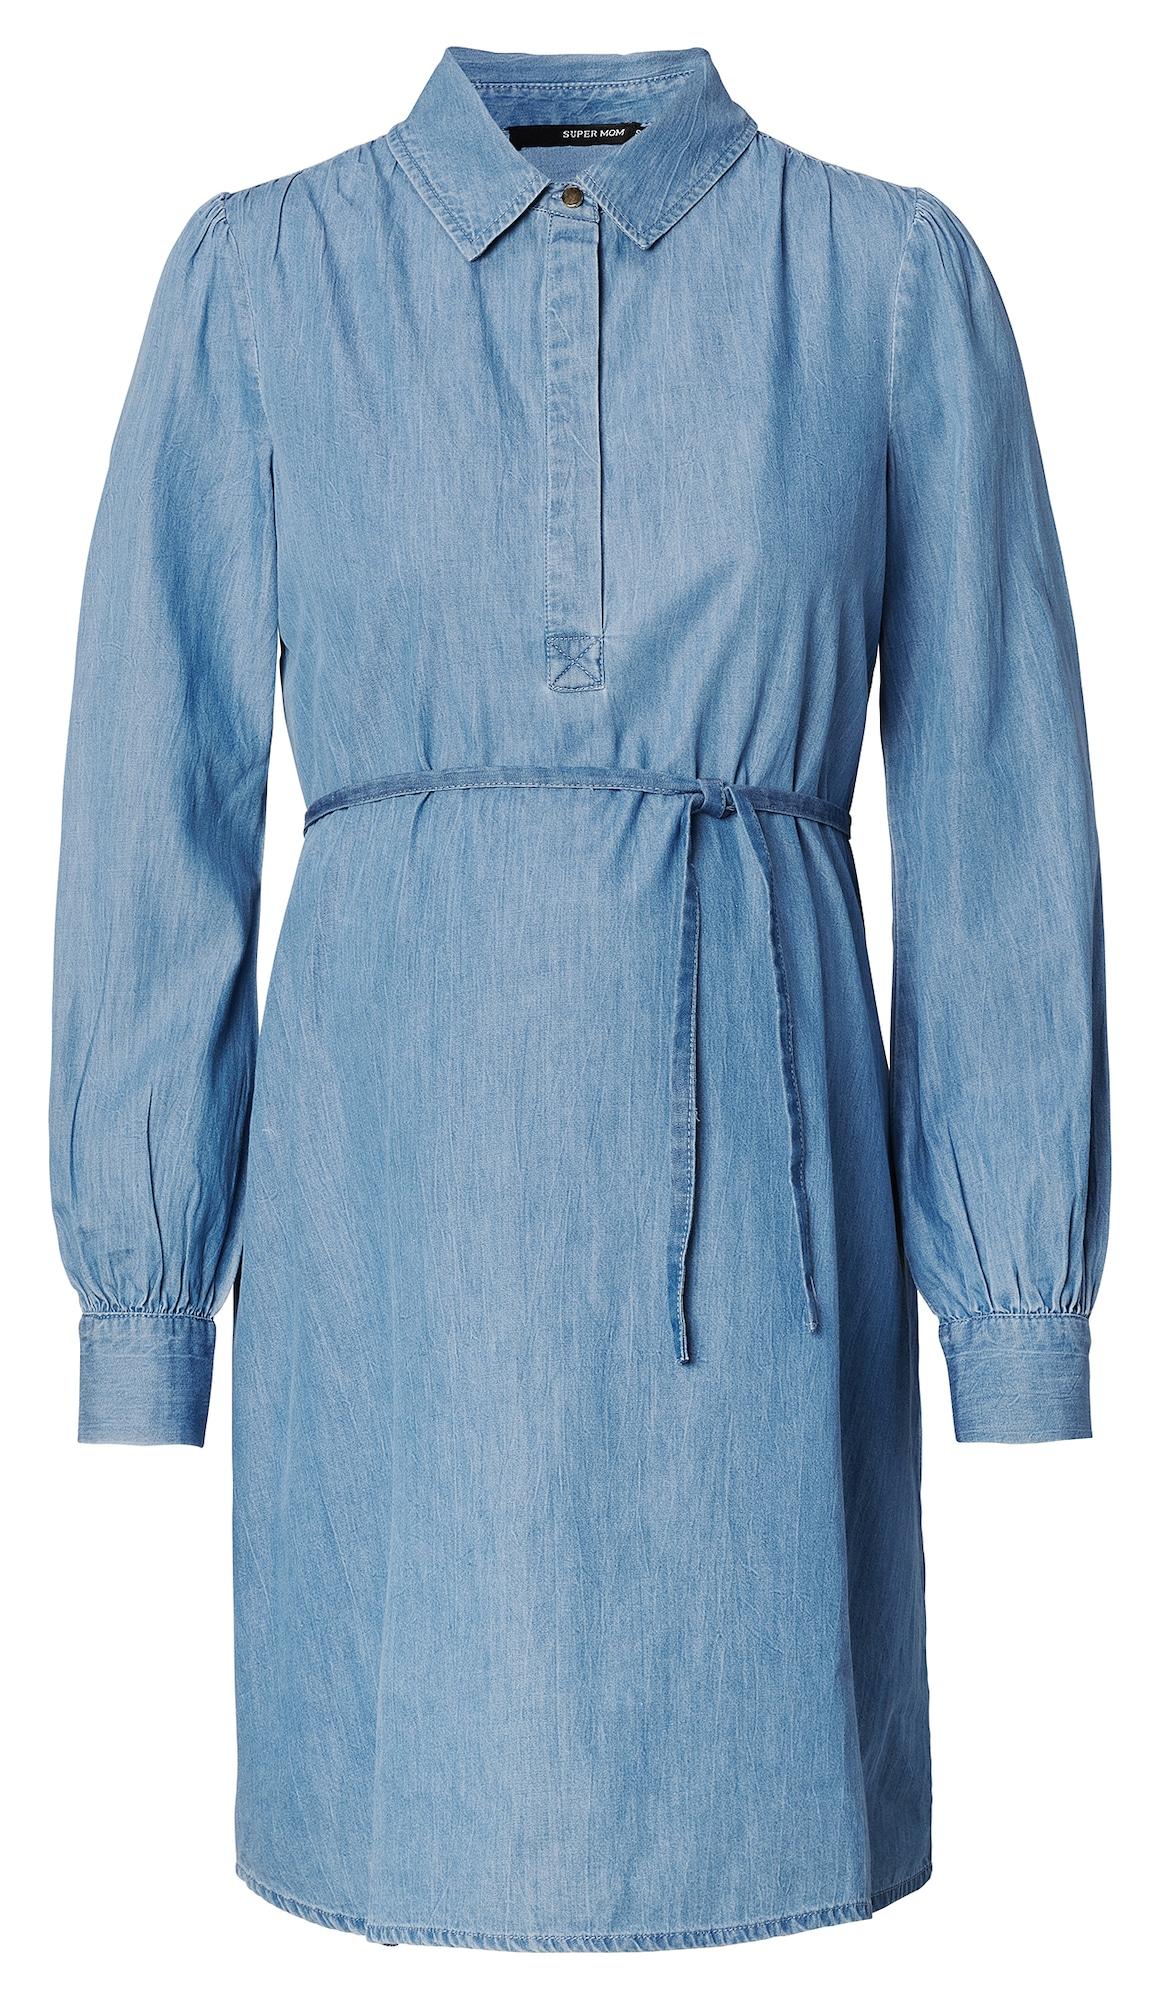 Supermom Suknelė mėlyna